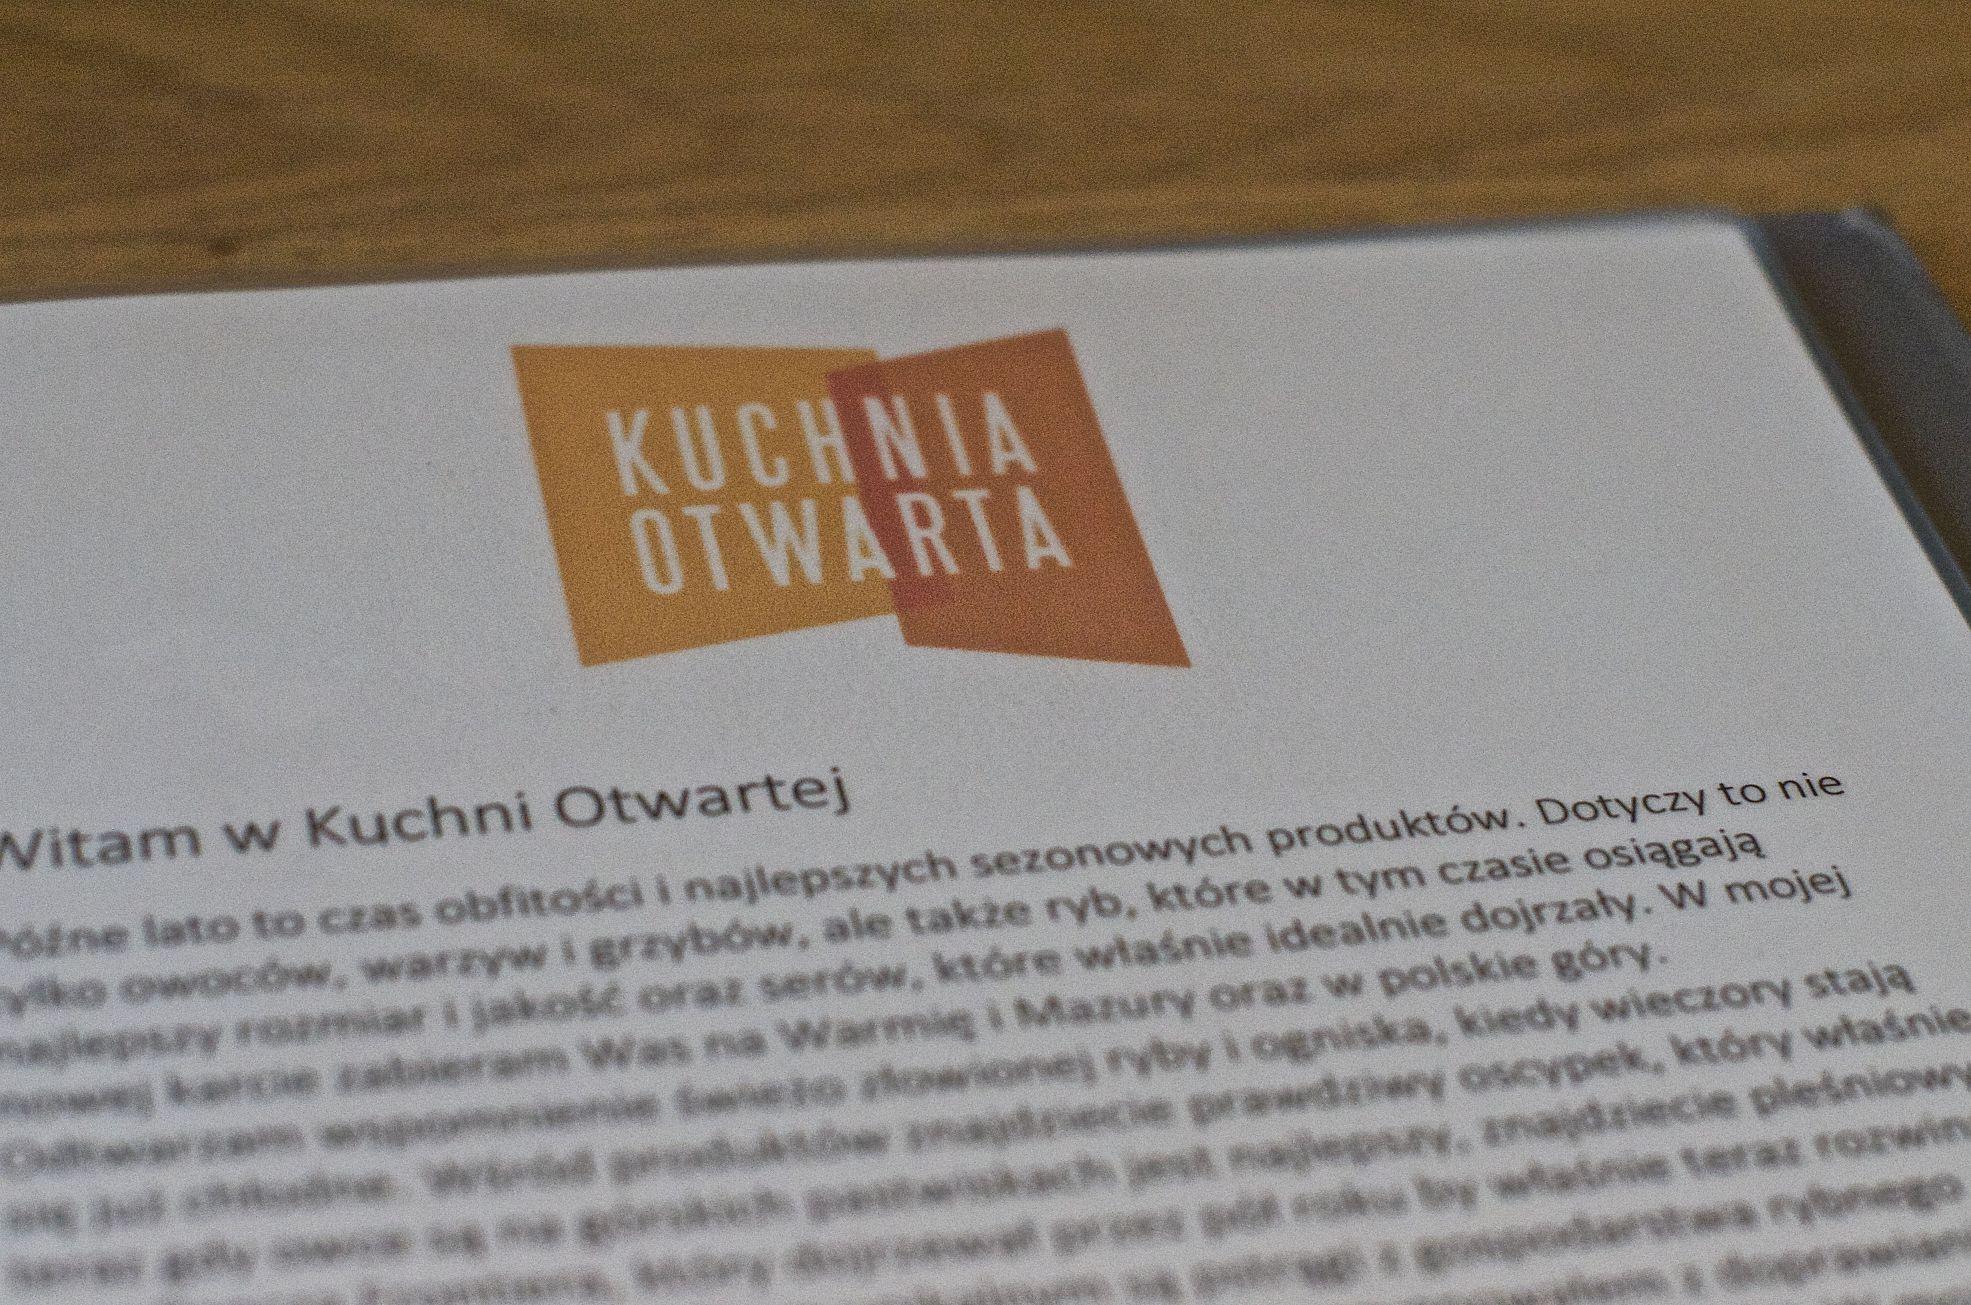 Kuchnia Otwarta w Warszawie (Wilanów)  Recenzja -> Kuchnia Otwarta Restauracja Warszawa